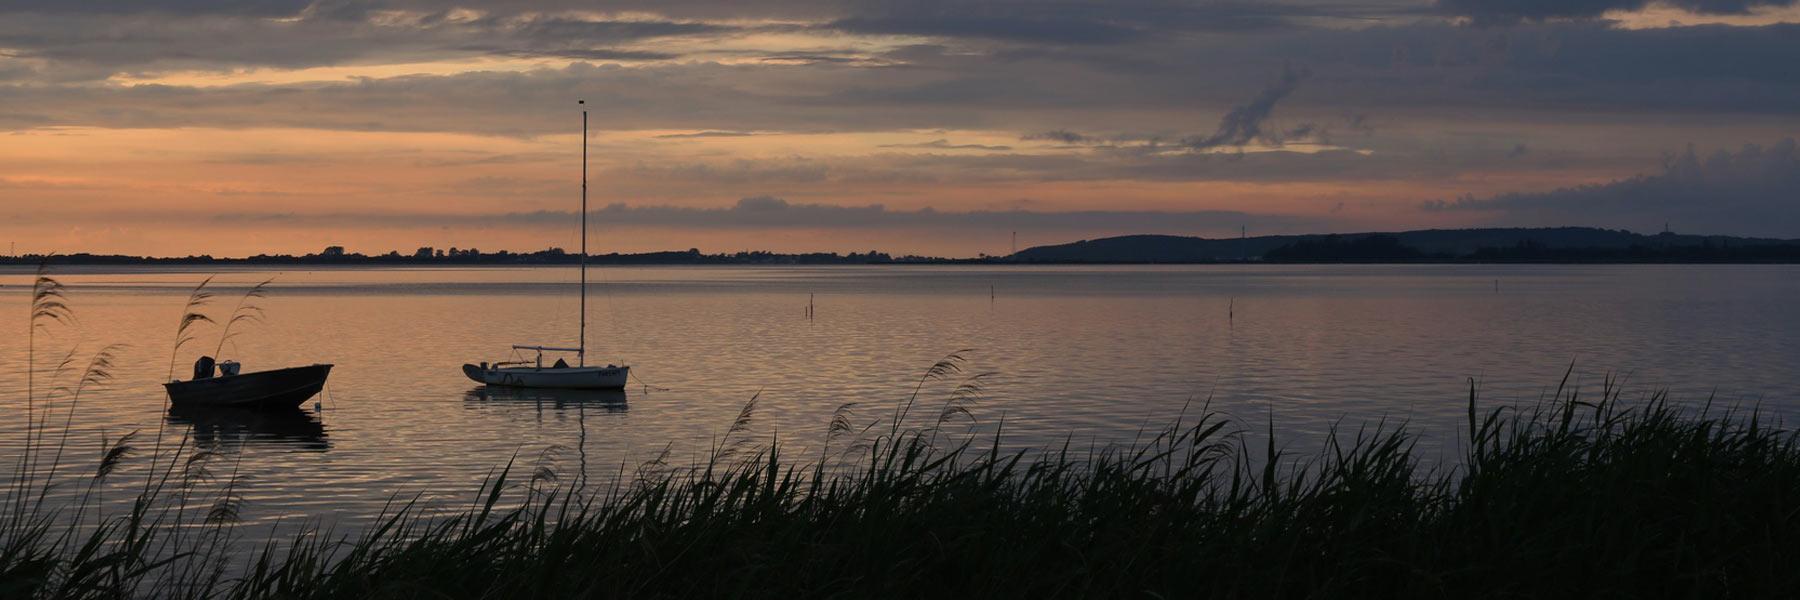 Schaproder Bodden Sonnenuntergang - Schaprode